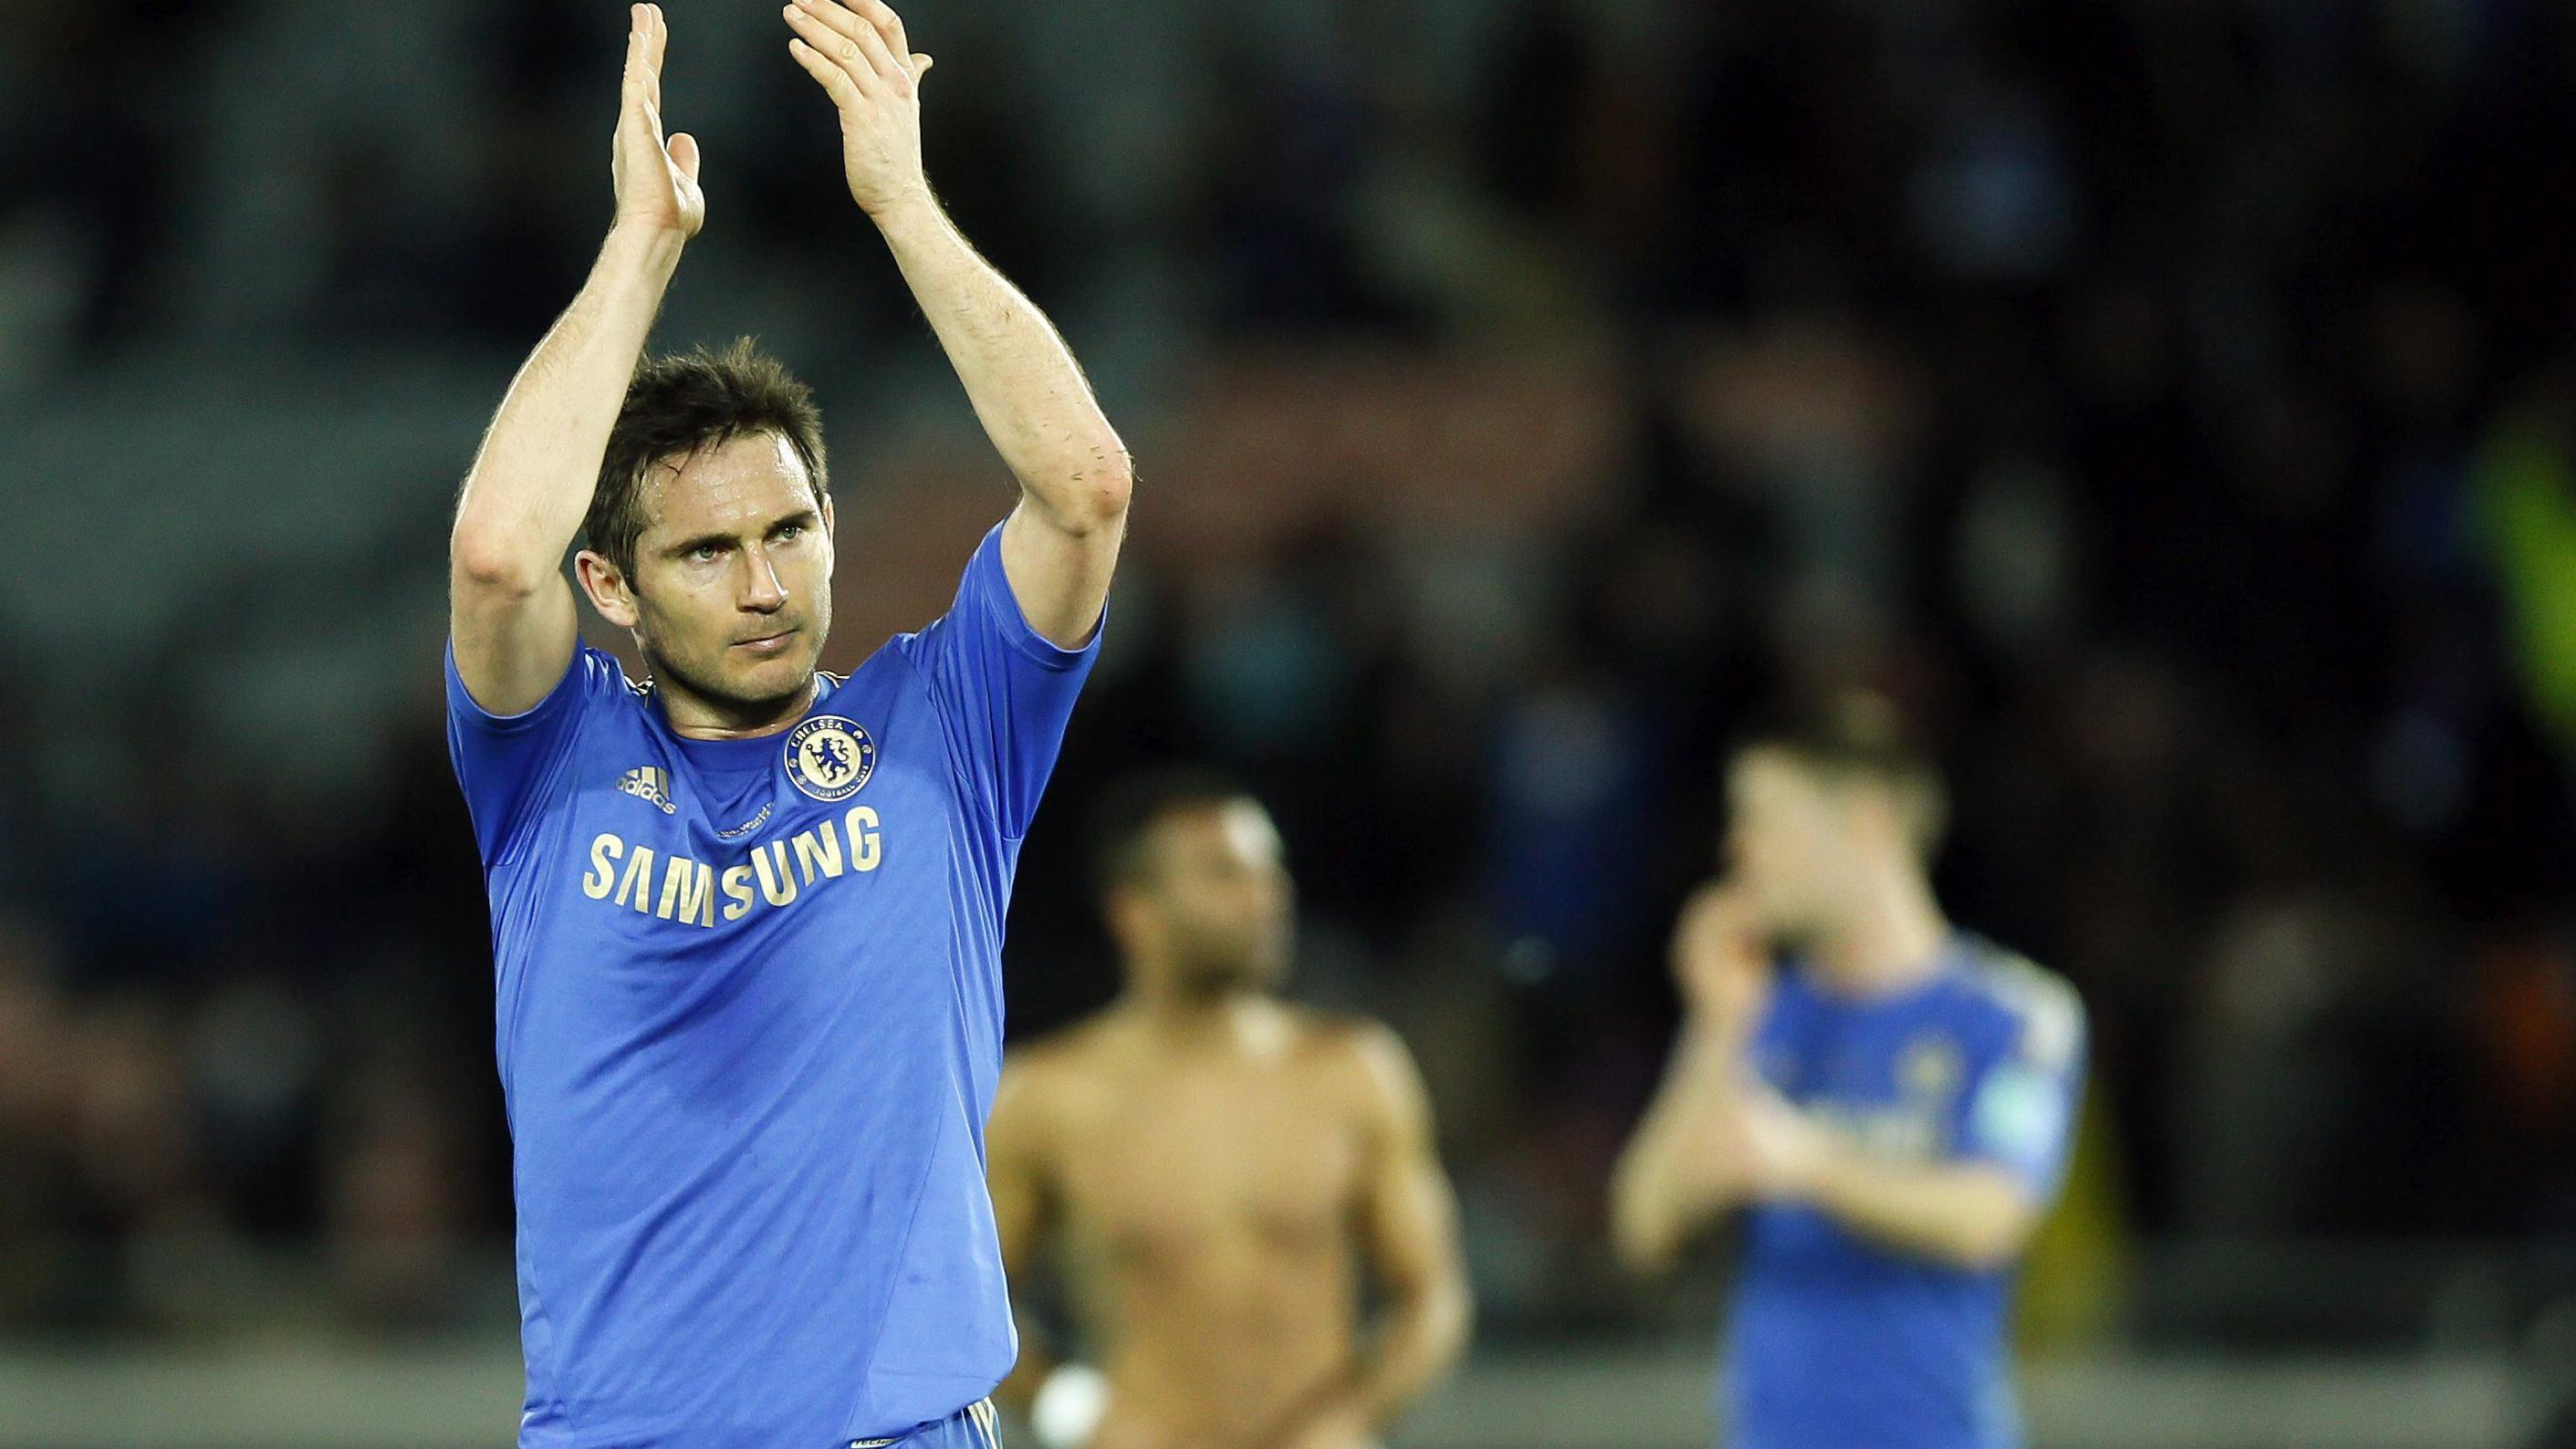 Imagen destacada del Lampard vuelve al Chelsea como técnico y Buffon, a la Juve